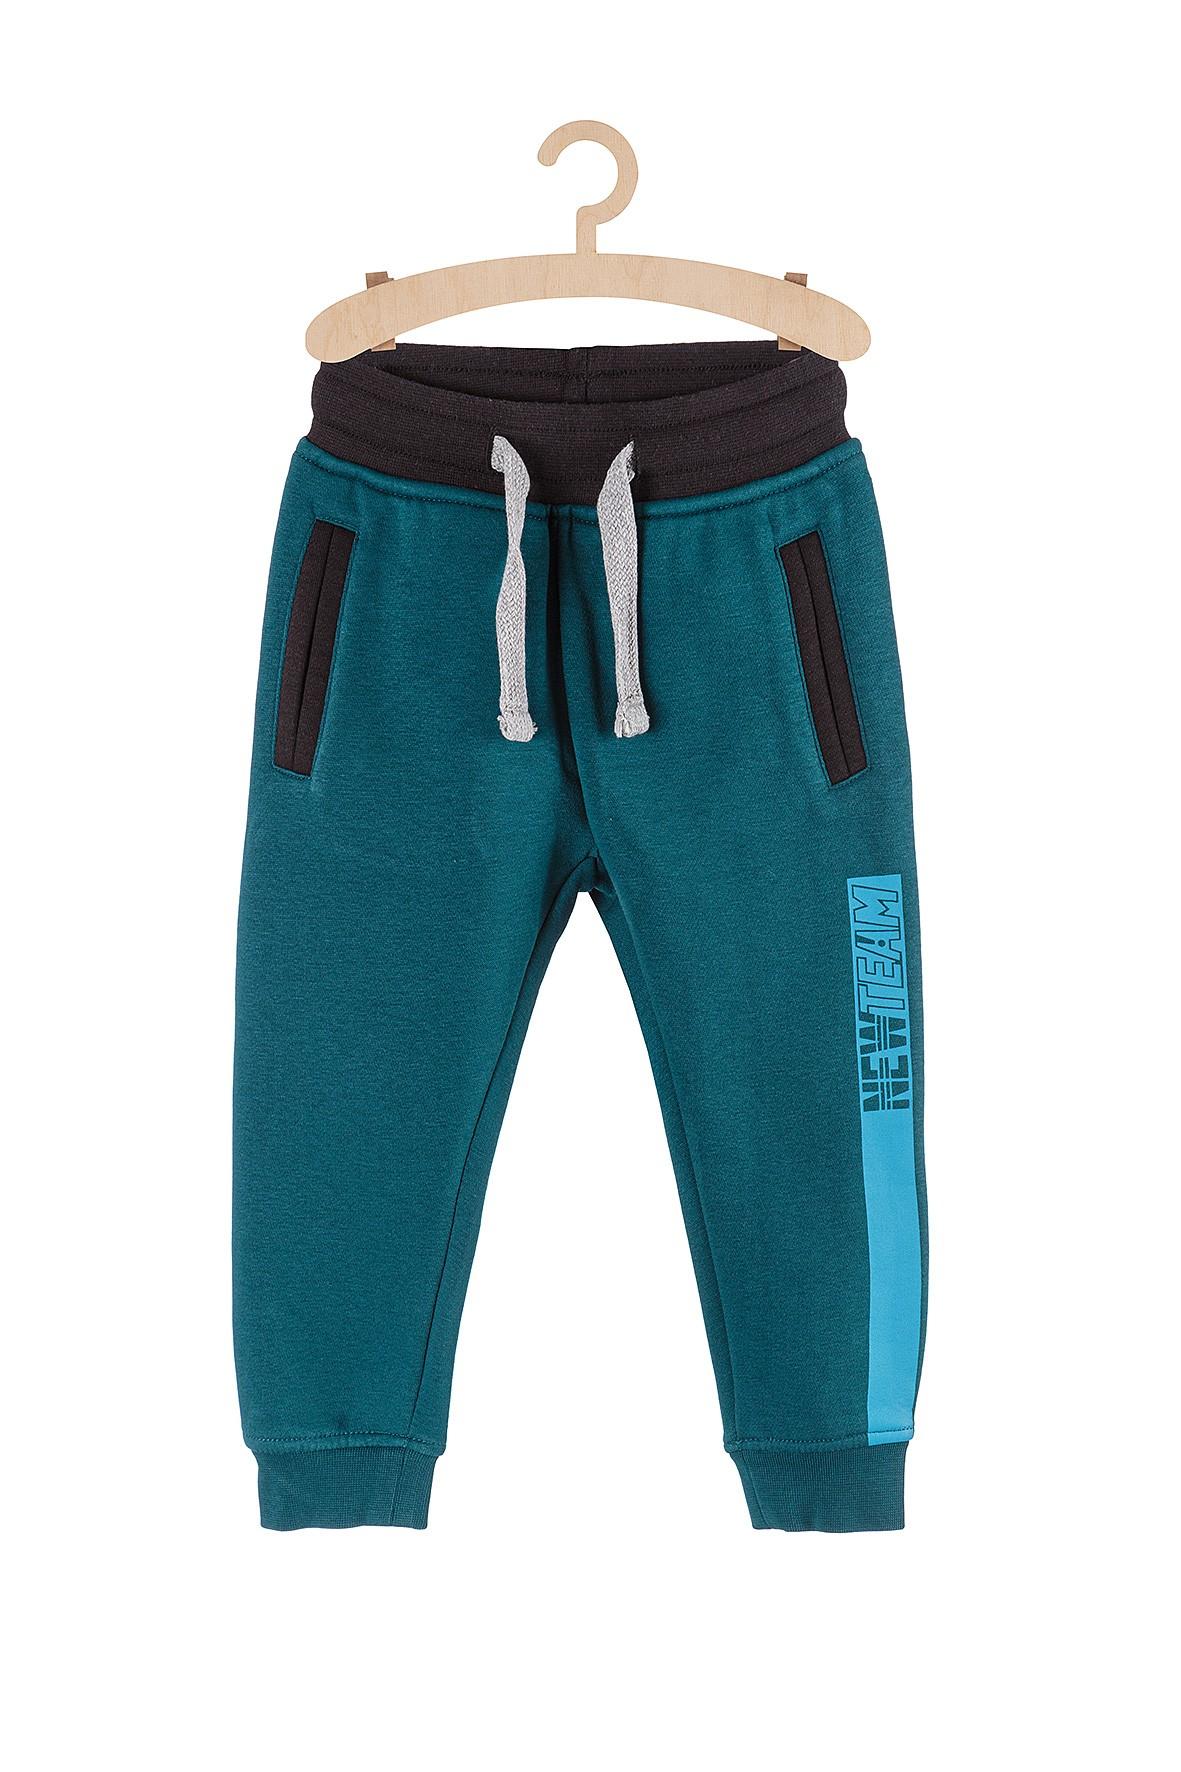 Spodnie chłopięce dresowe dla chłopca